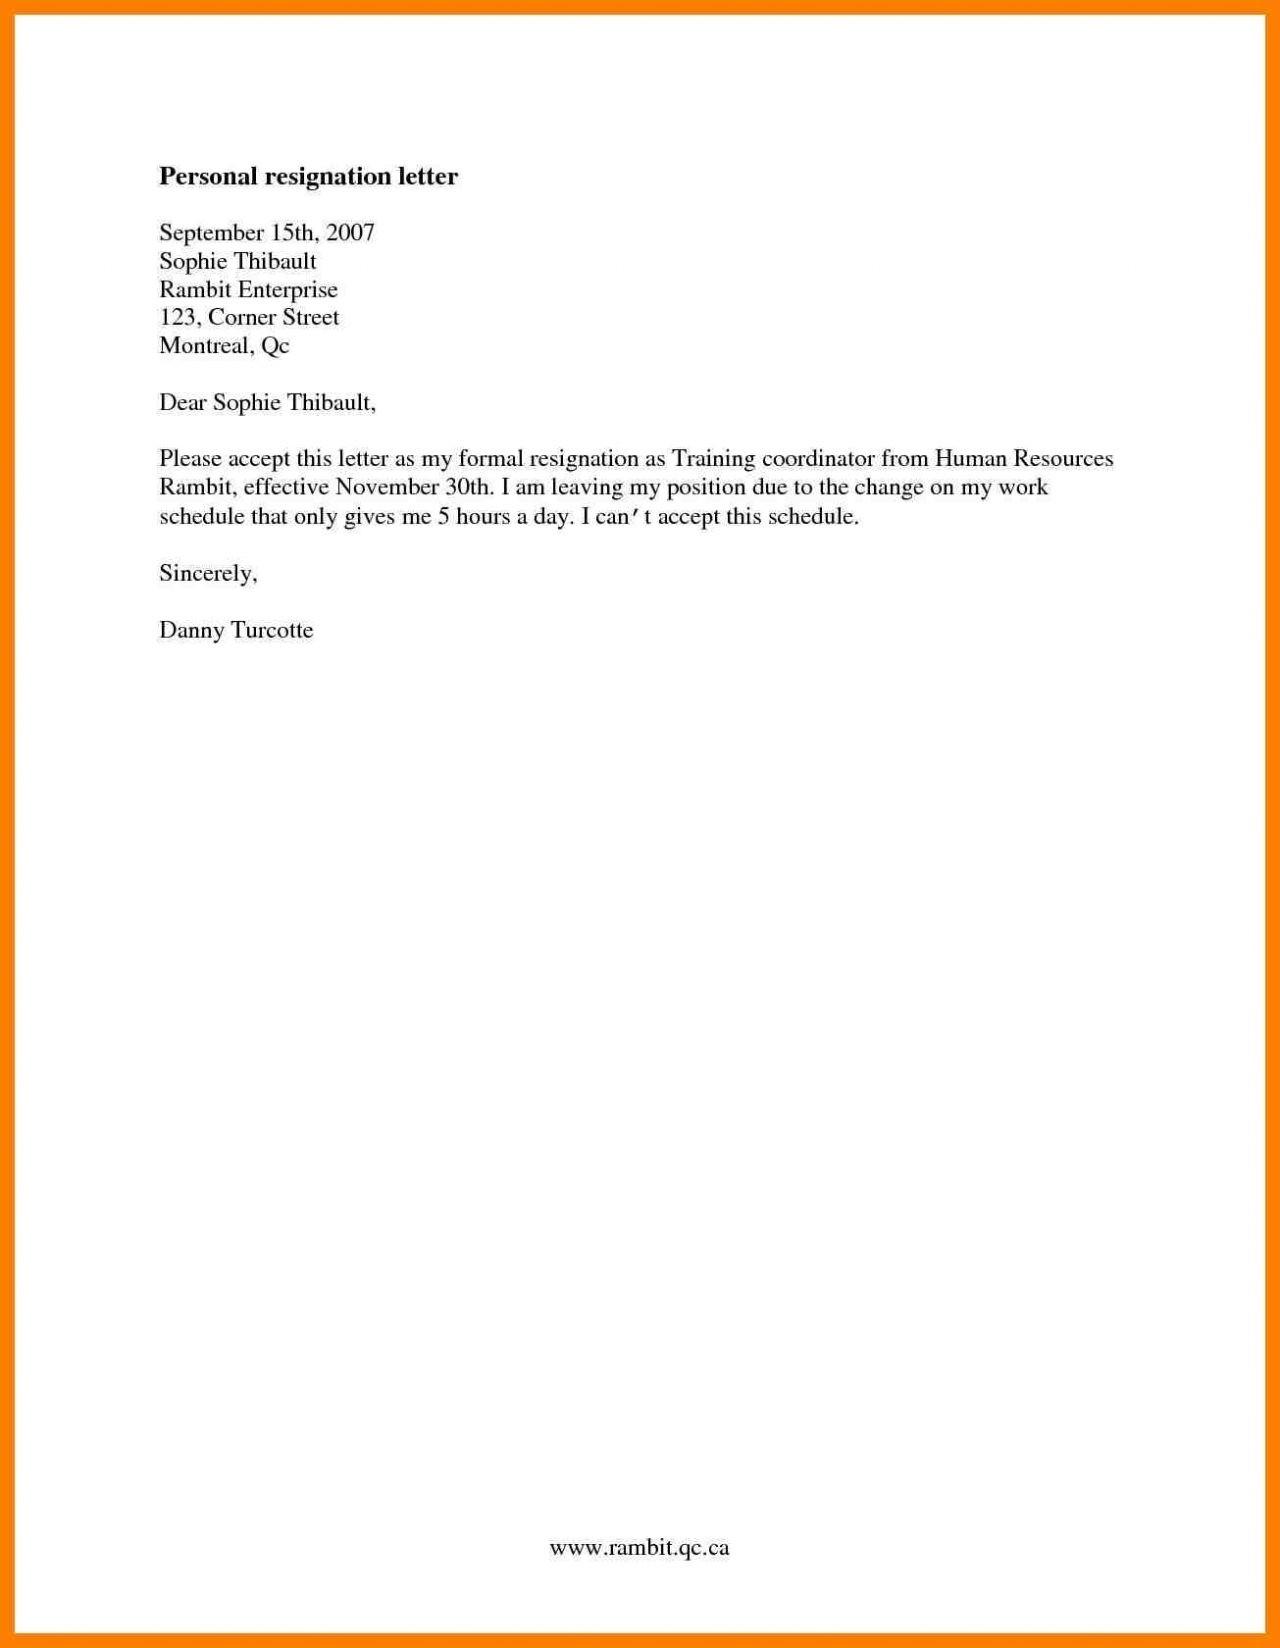 letter of resignation letter template formal resignation letter template e month notice copy cards